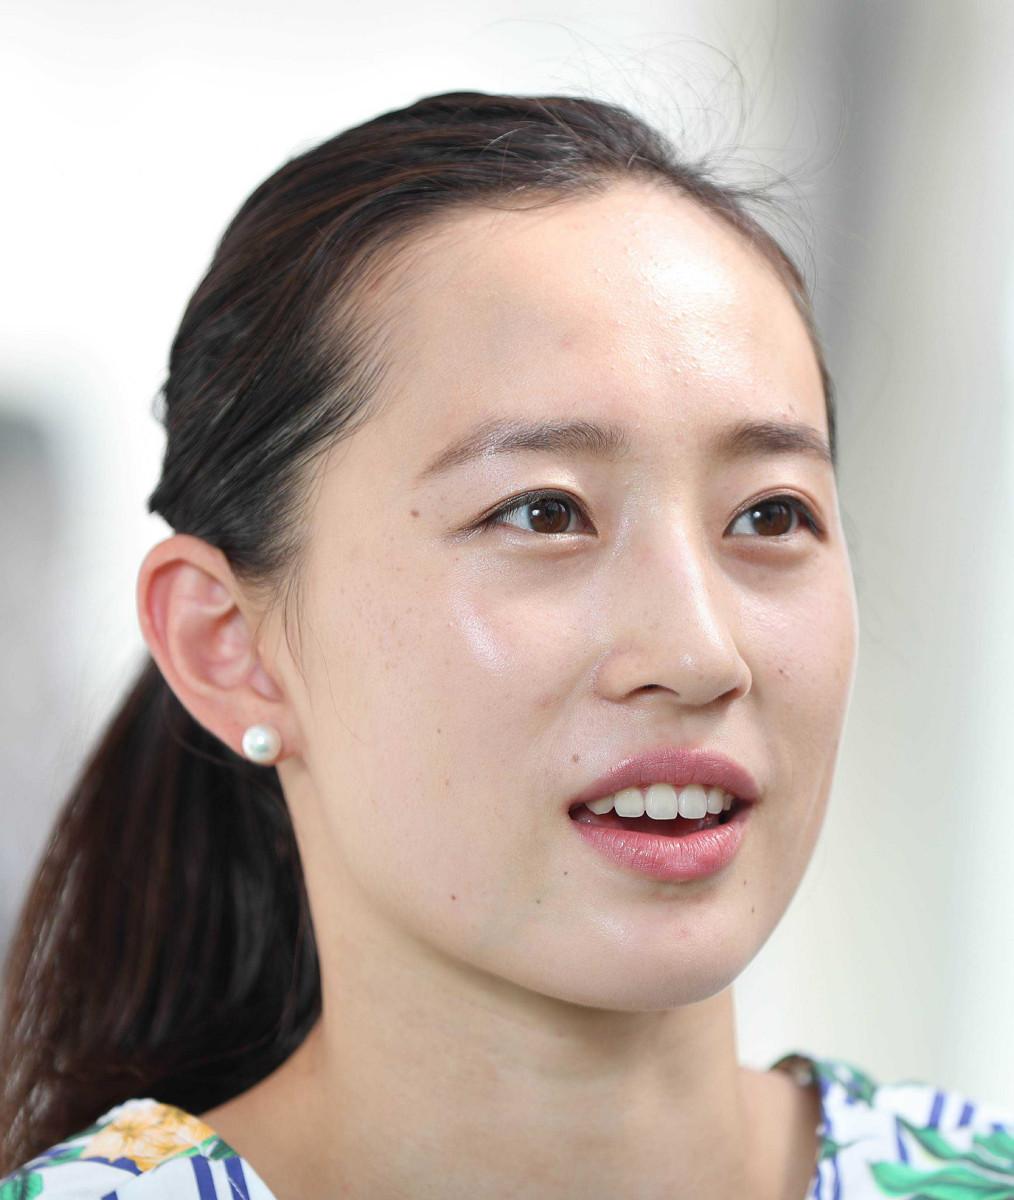 瀬戸大也の妻・優佳さん「心機一転楽しく」 不倫騒動後初のインスタ更新(スポーツ報知) - Yahoo!ニュース